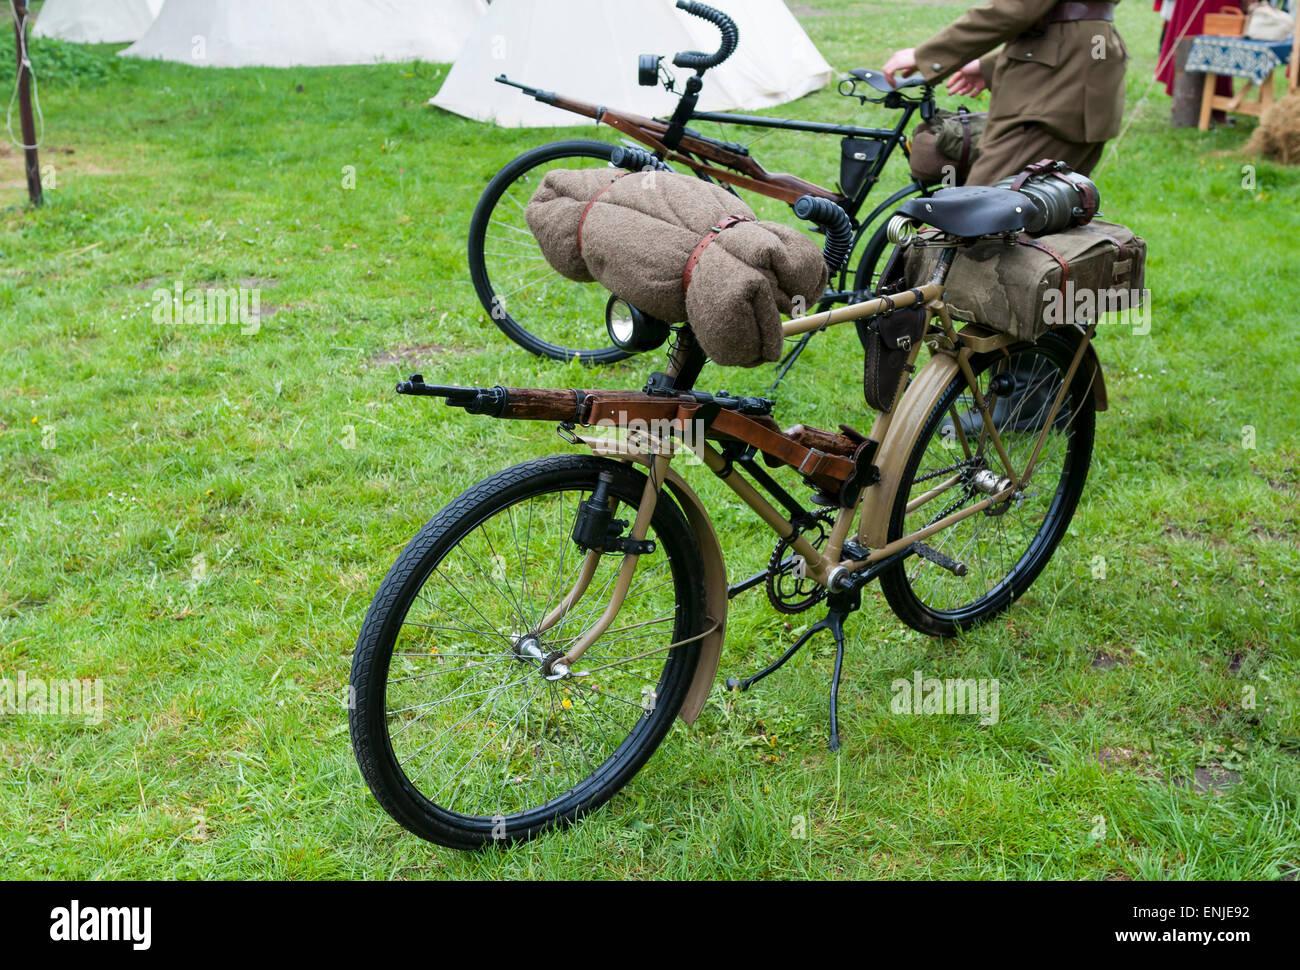 Vieux vélo militaire utilisé dans la première et seconde guerre mondiale Banque D'Images